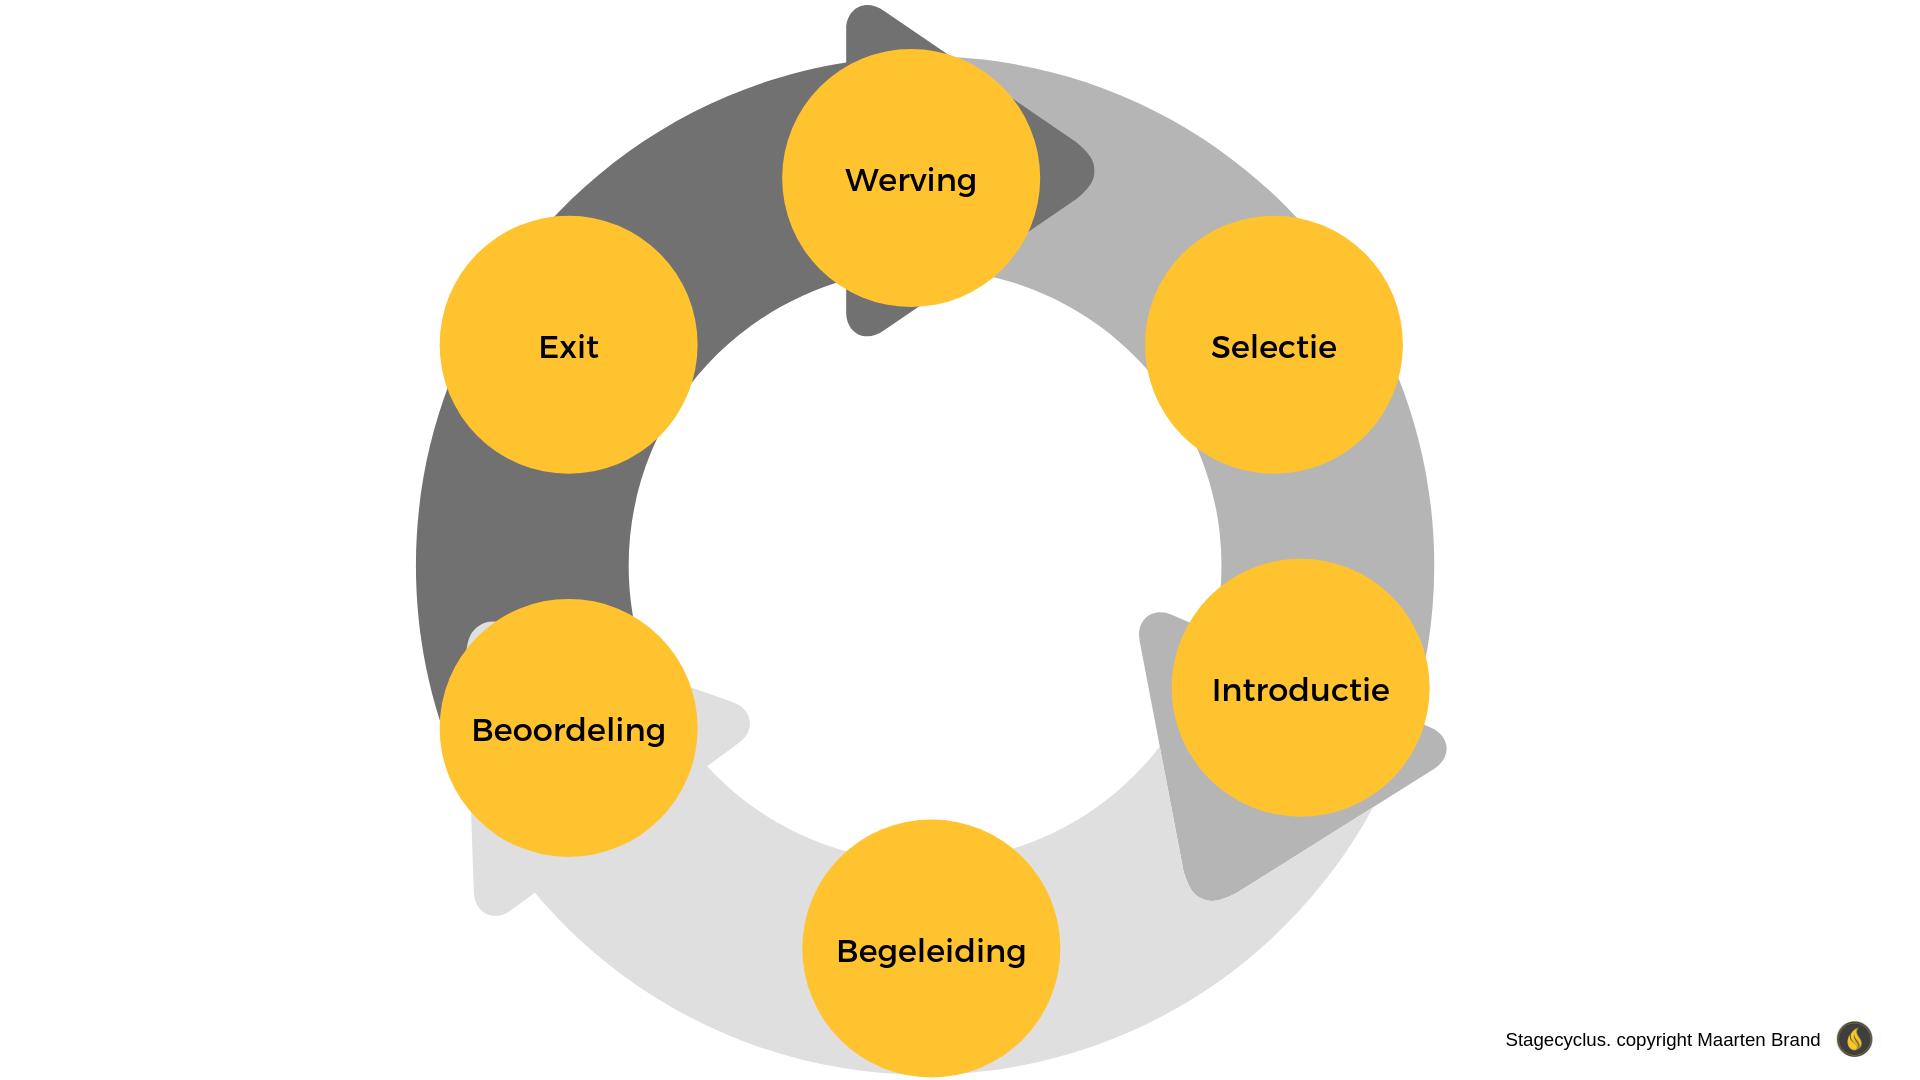 stagecyclus